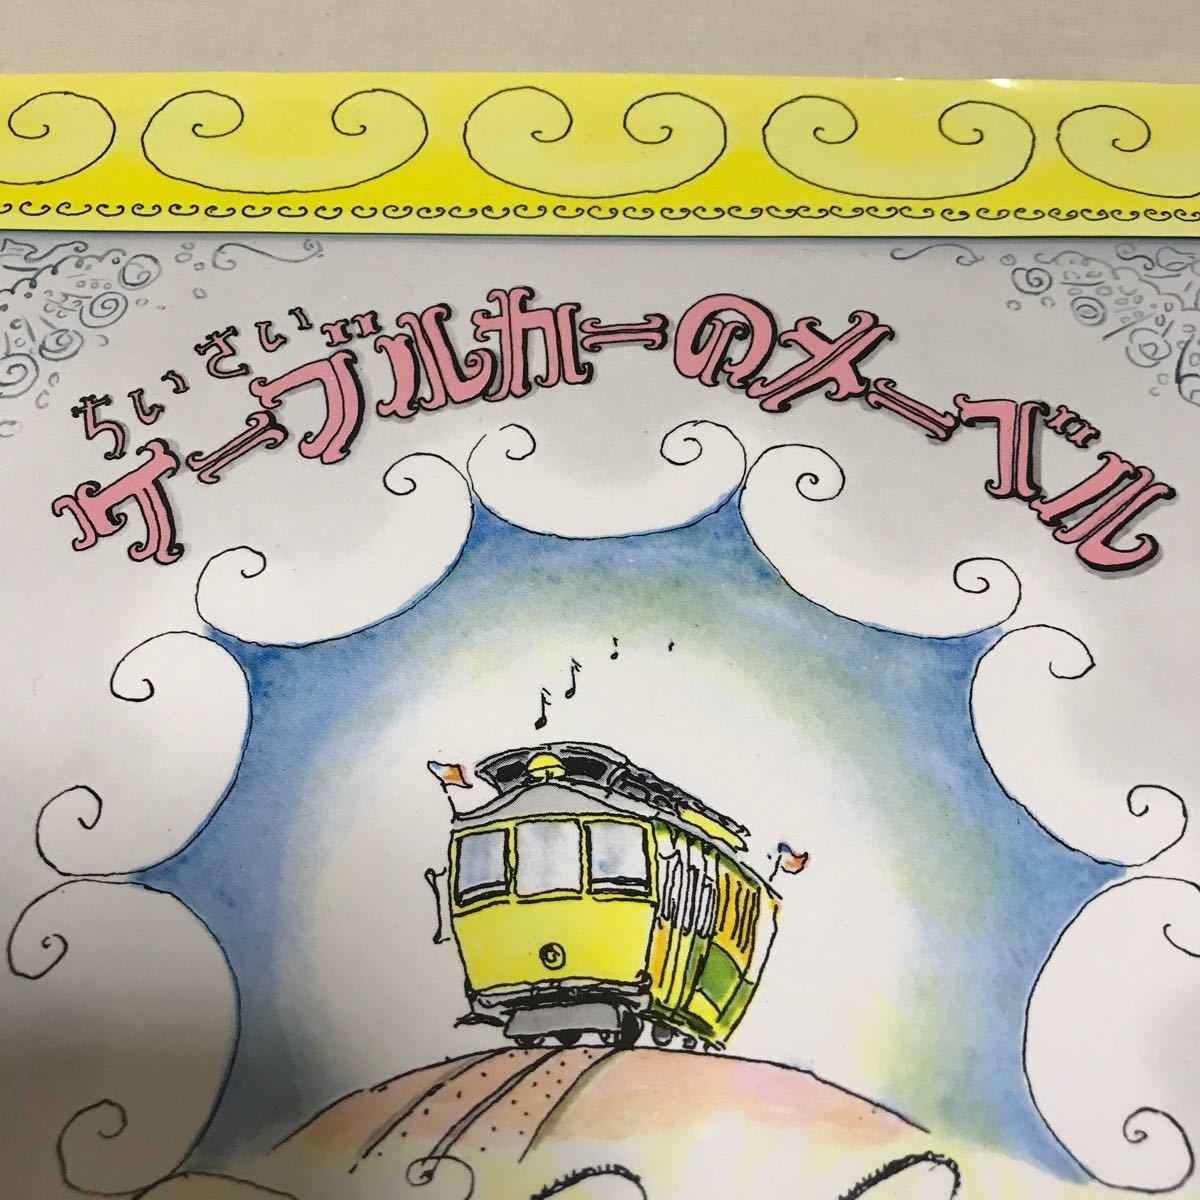 絵本 児童書 話題 学校図書 読書感想文 小学校 ちいさいケーブルカーのメーベル